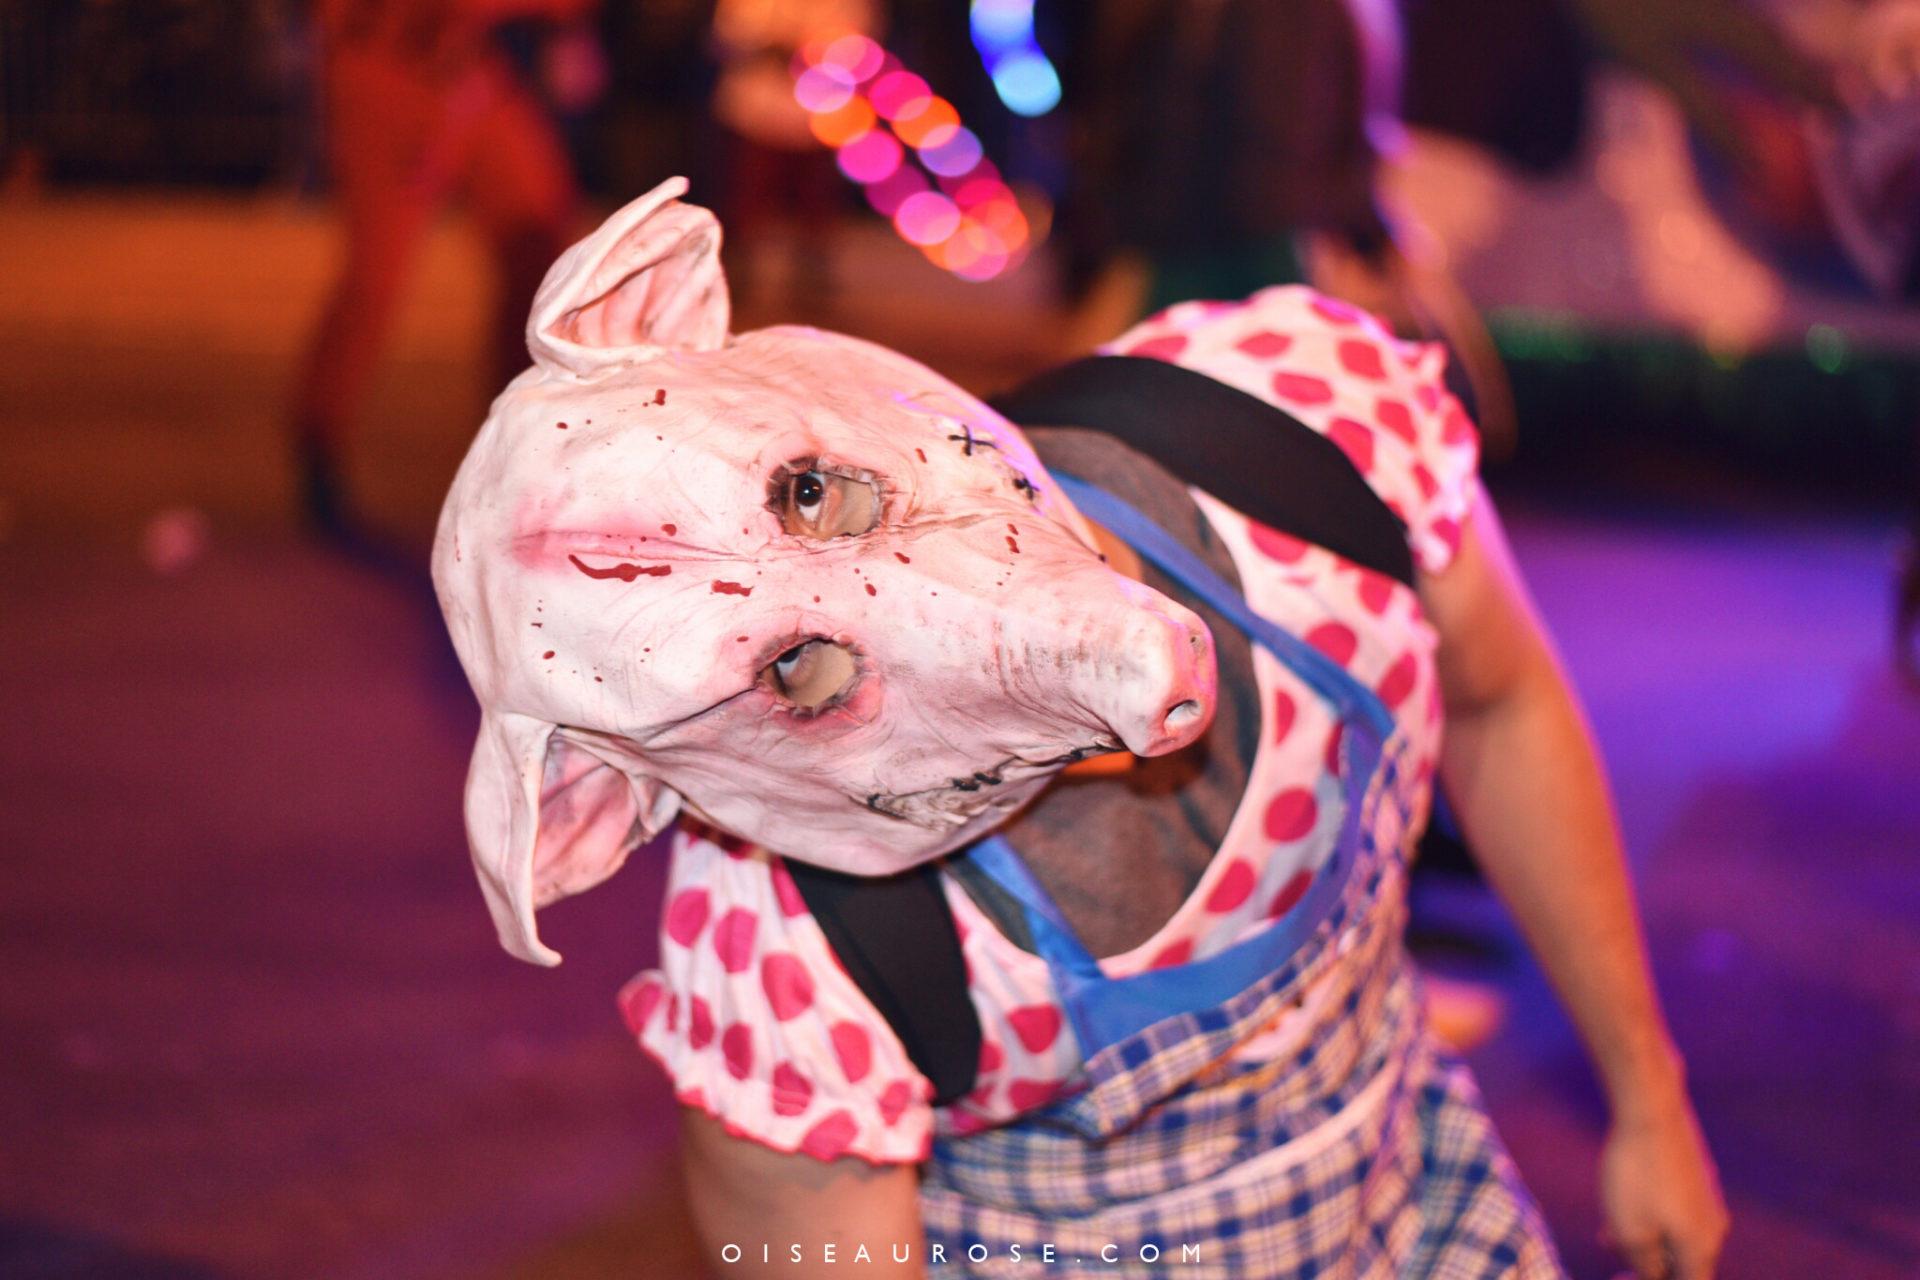 deguisement-parade-halloween-new-york